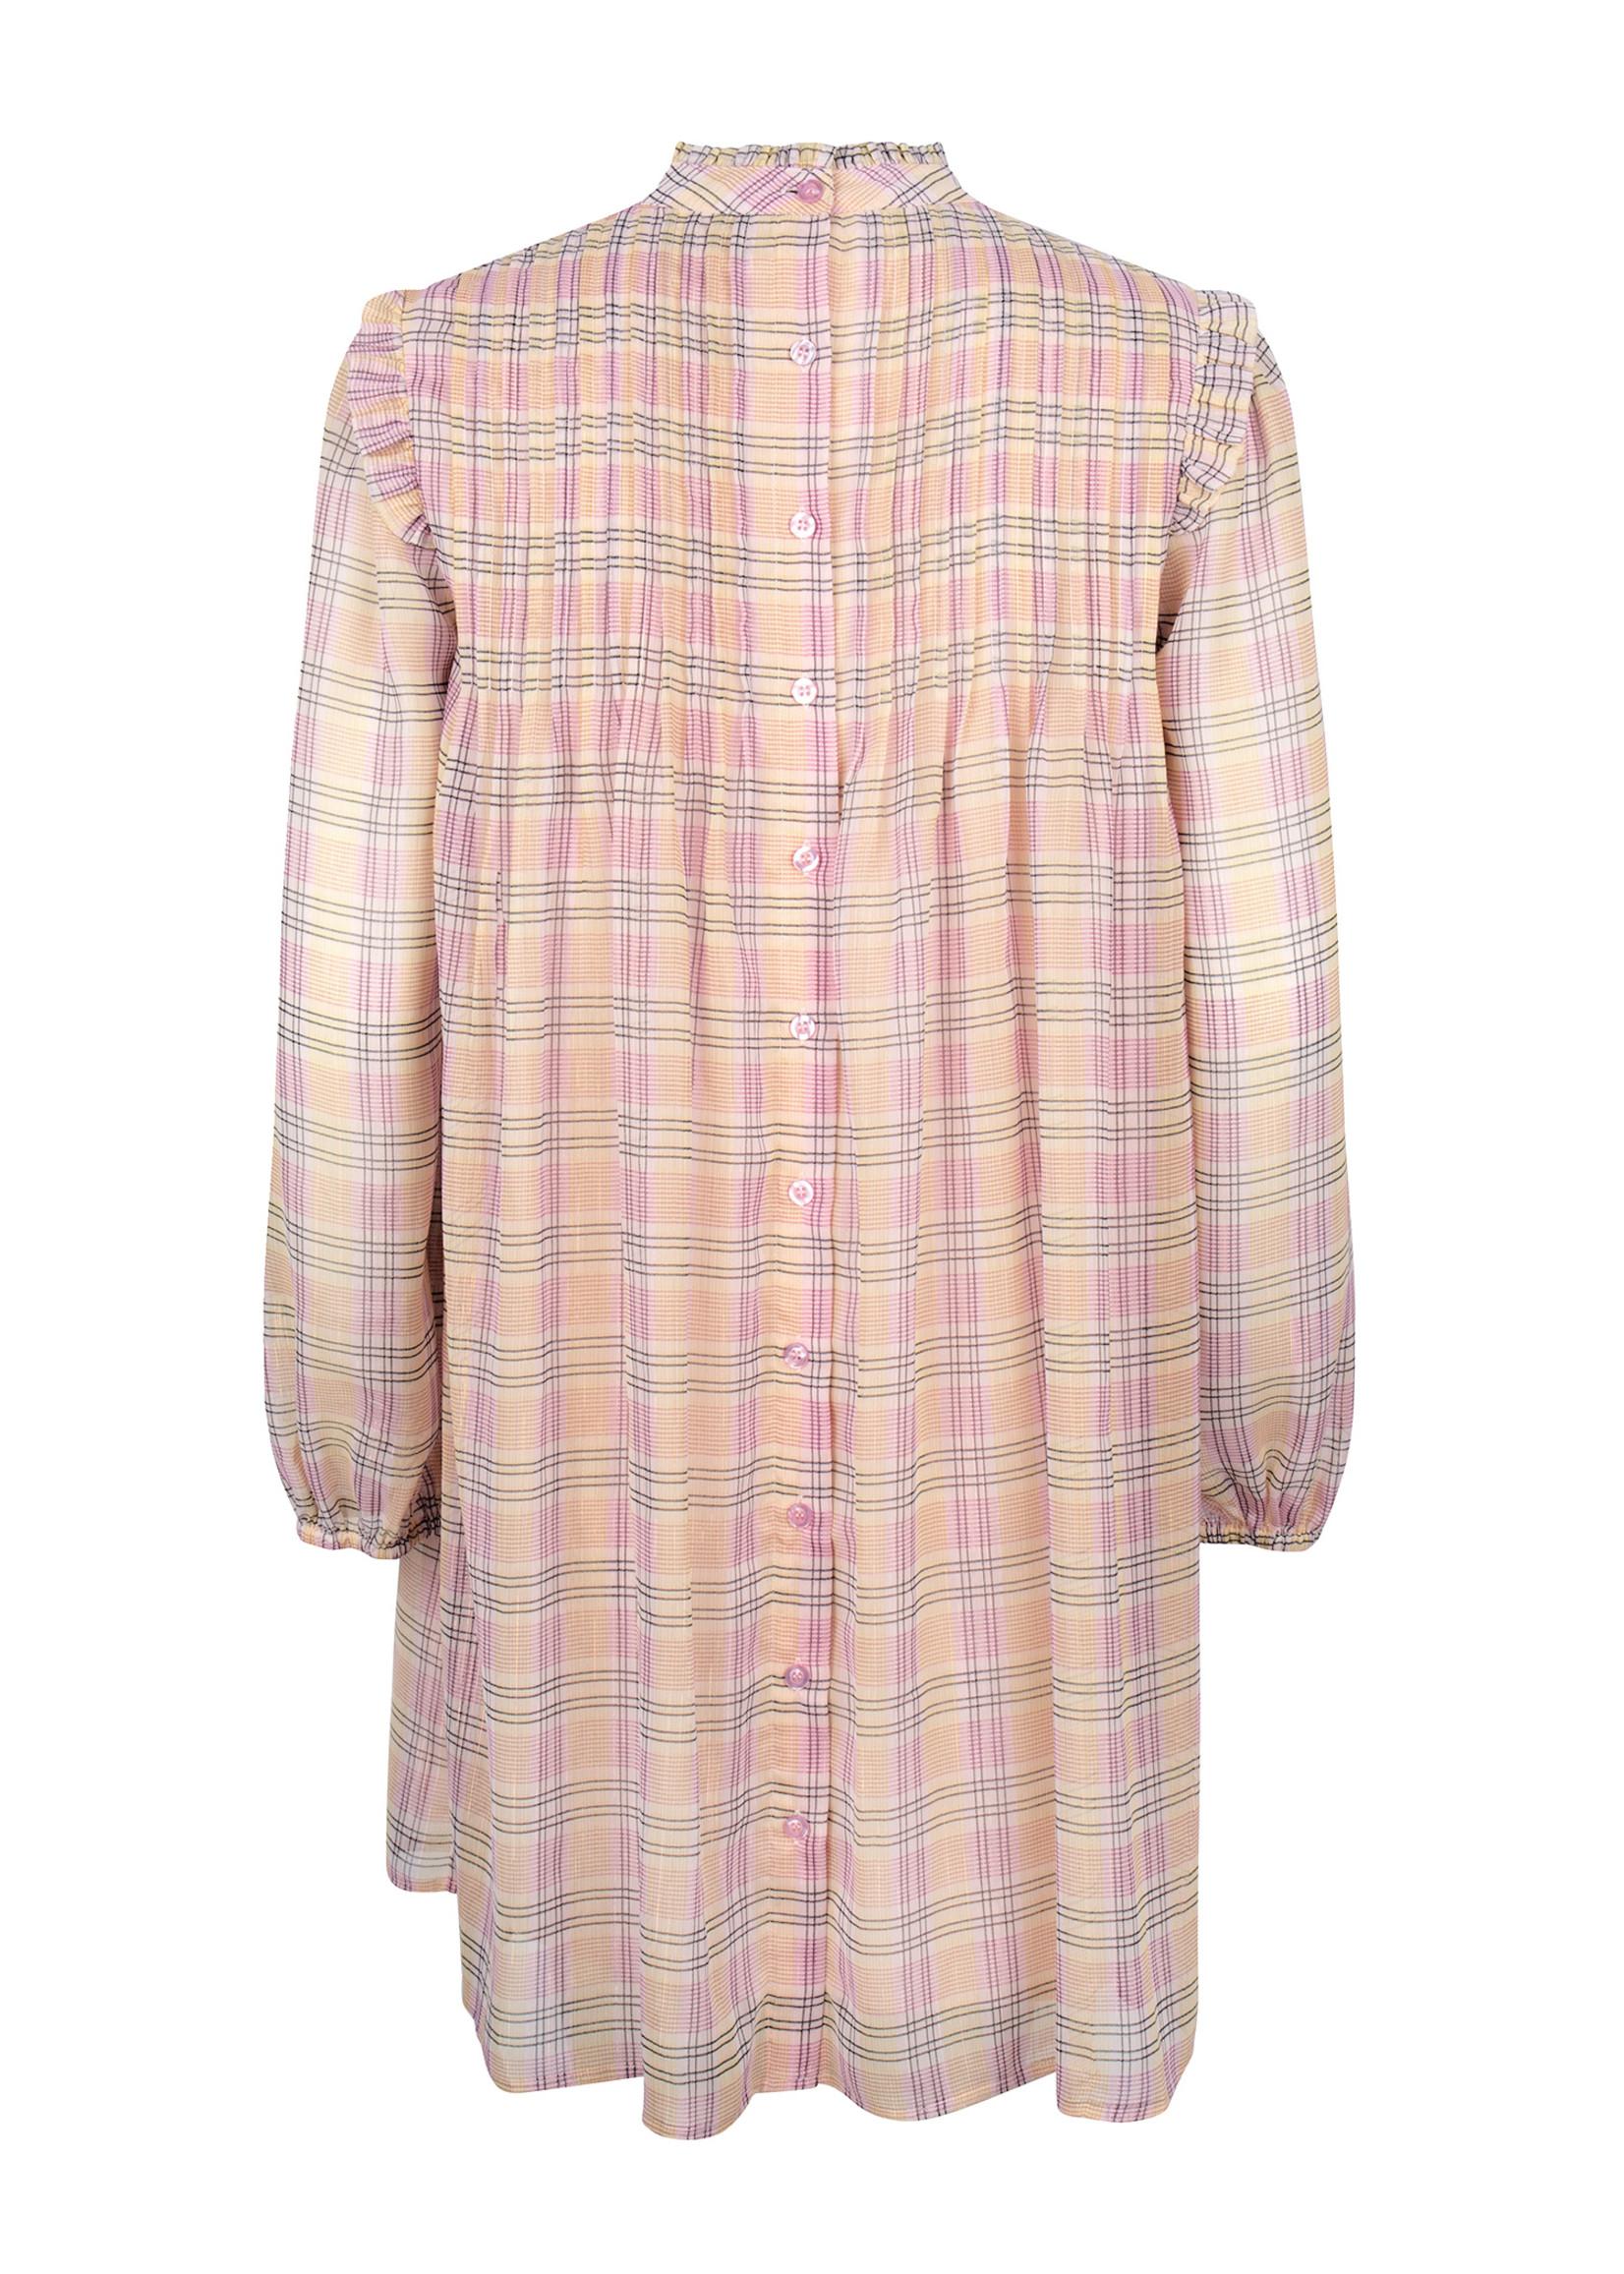 Ydence Jurk Celine pink check